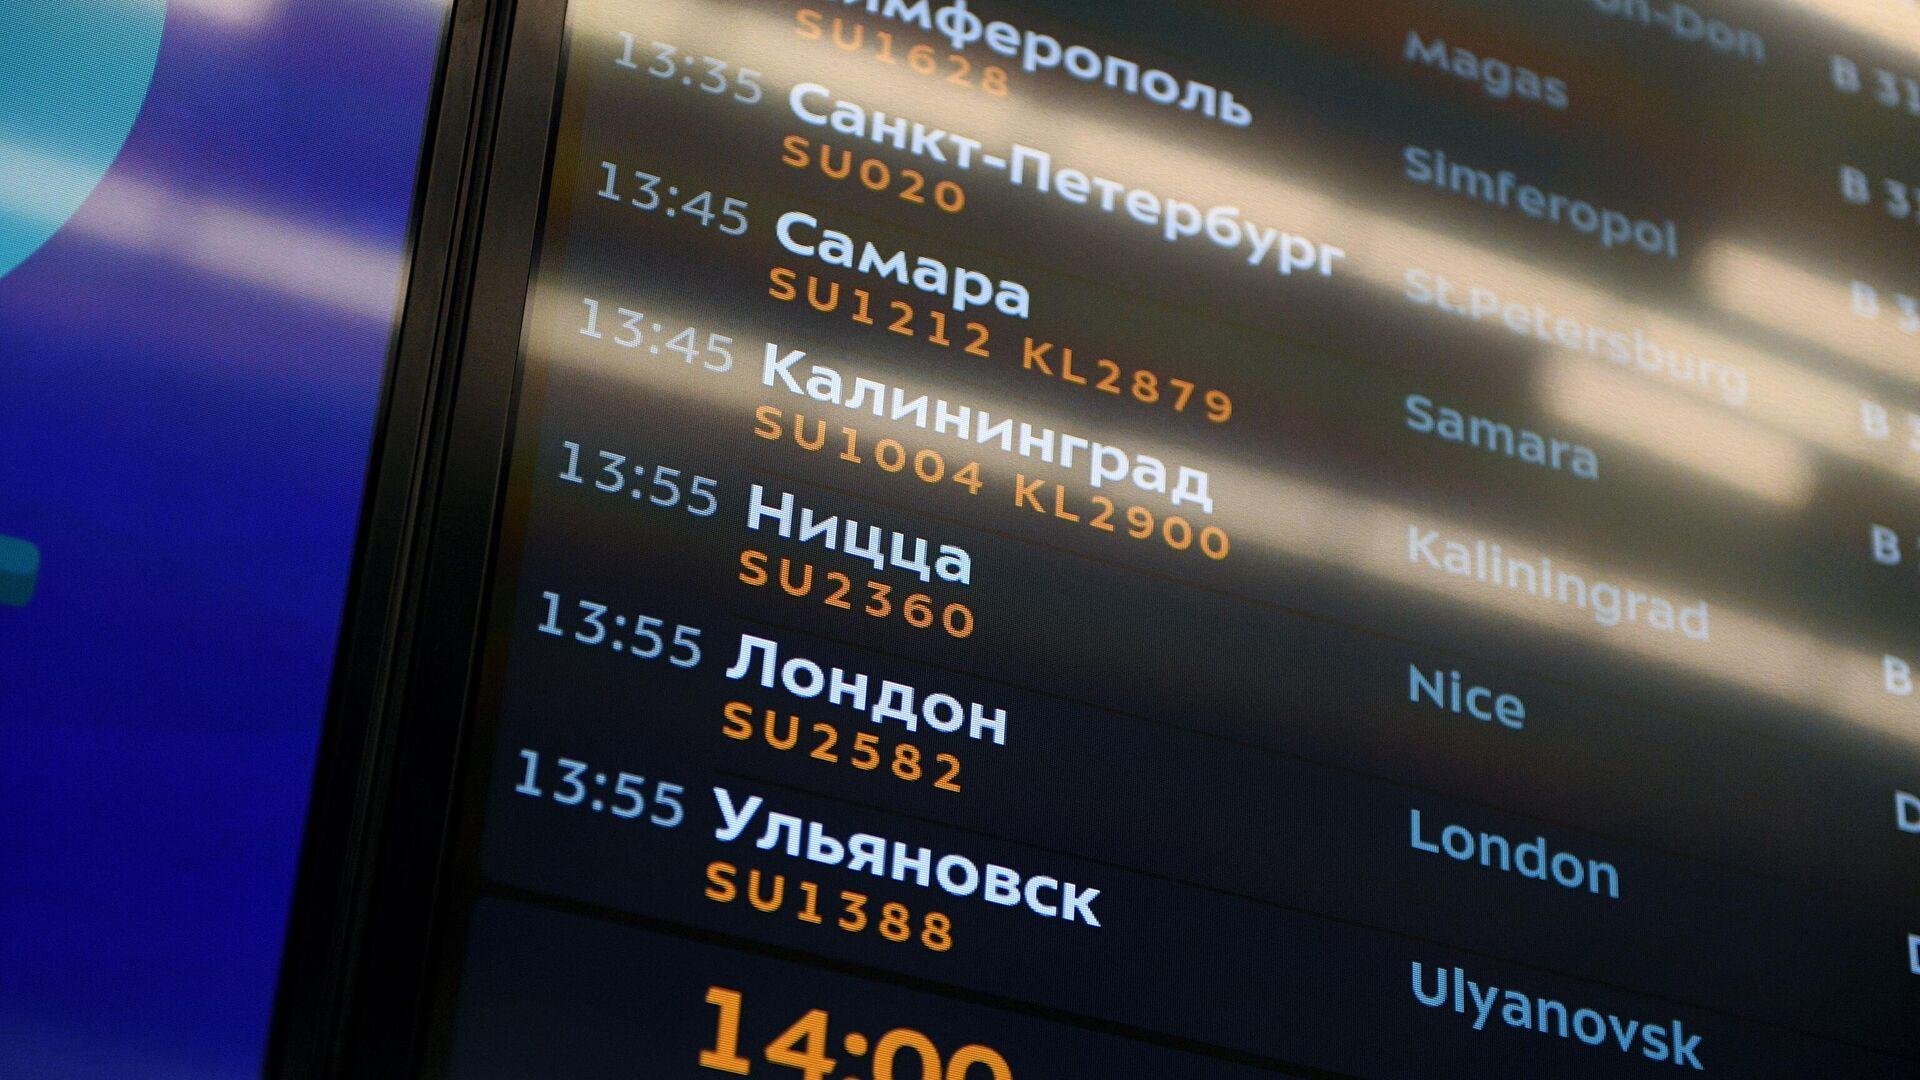 Информационное табло с расписанием рейсов в аэропорту Шереметьево - РИА Новости, 1920, 28.06.2021